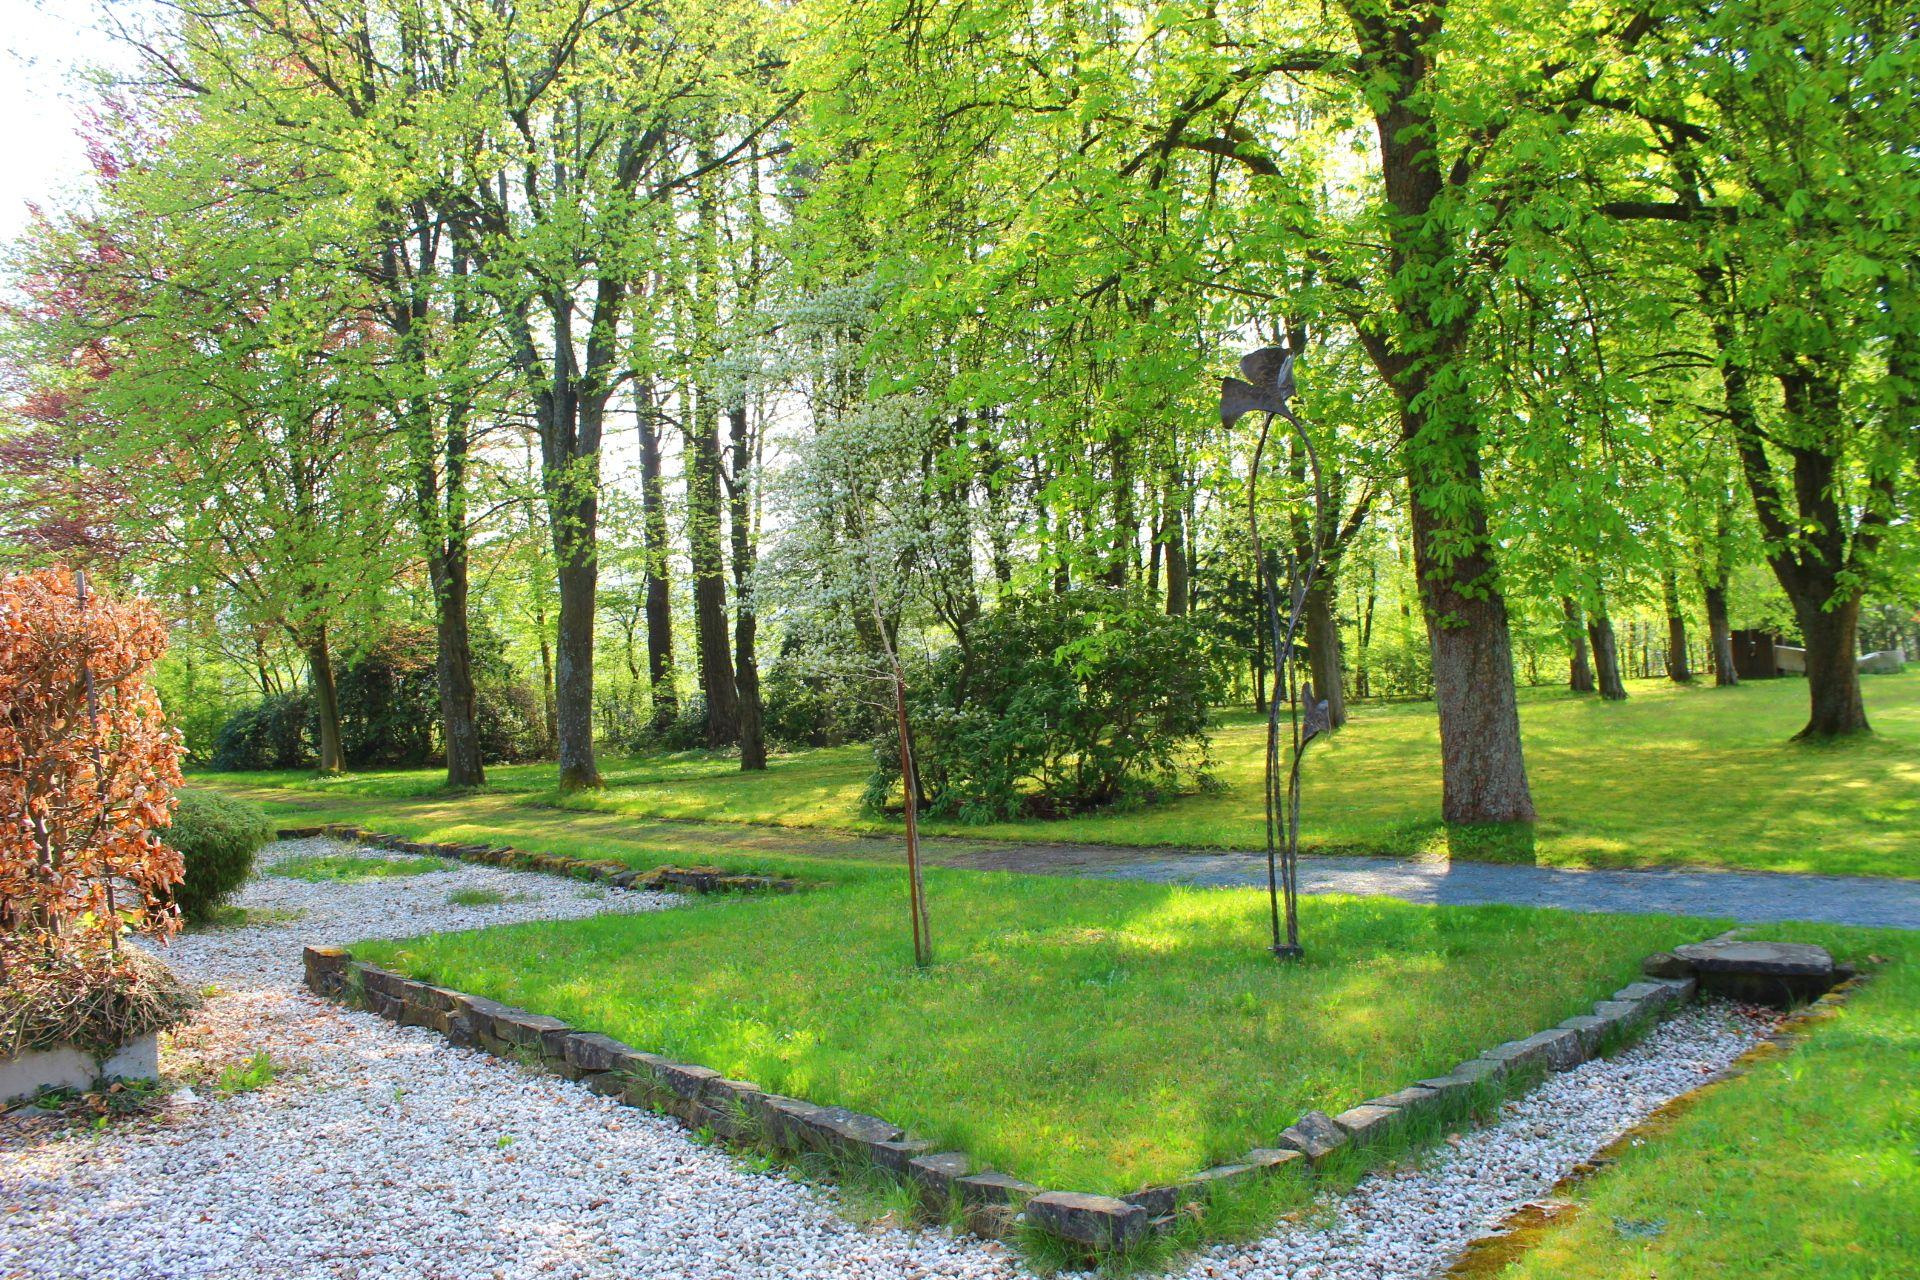 Klostergarten Der Abtei Konigsmunster In Meschede Munster Sauerland Kloster